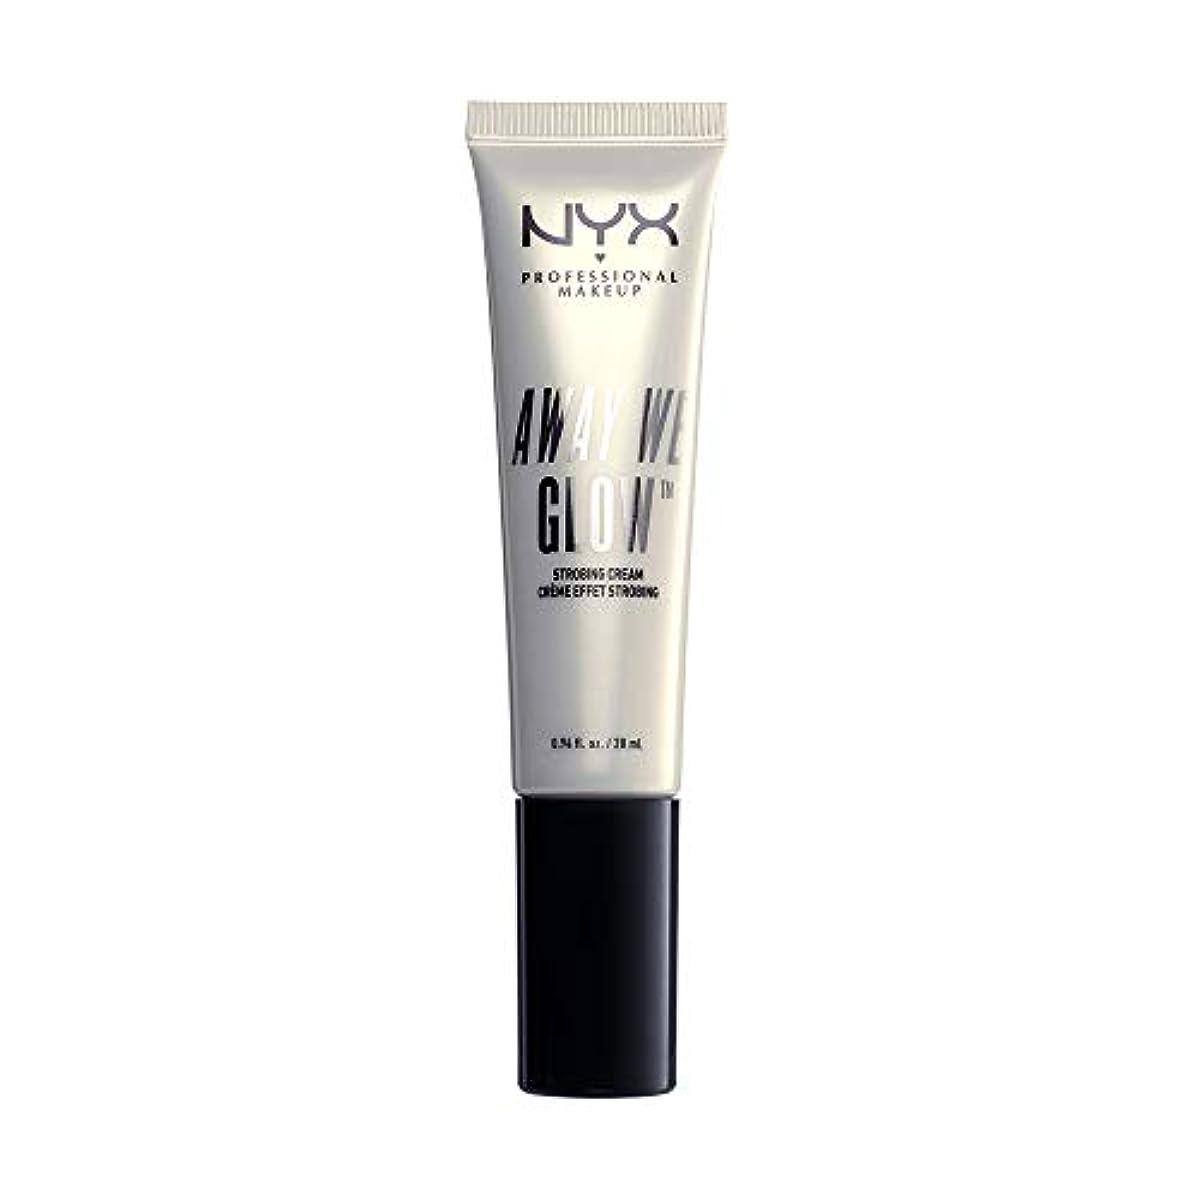 こねるビヨン先行するNYX(ニックス) アウェイ ウィー グロー ストロビングクリーム 01 カラー ブライト スター